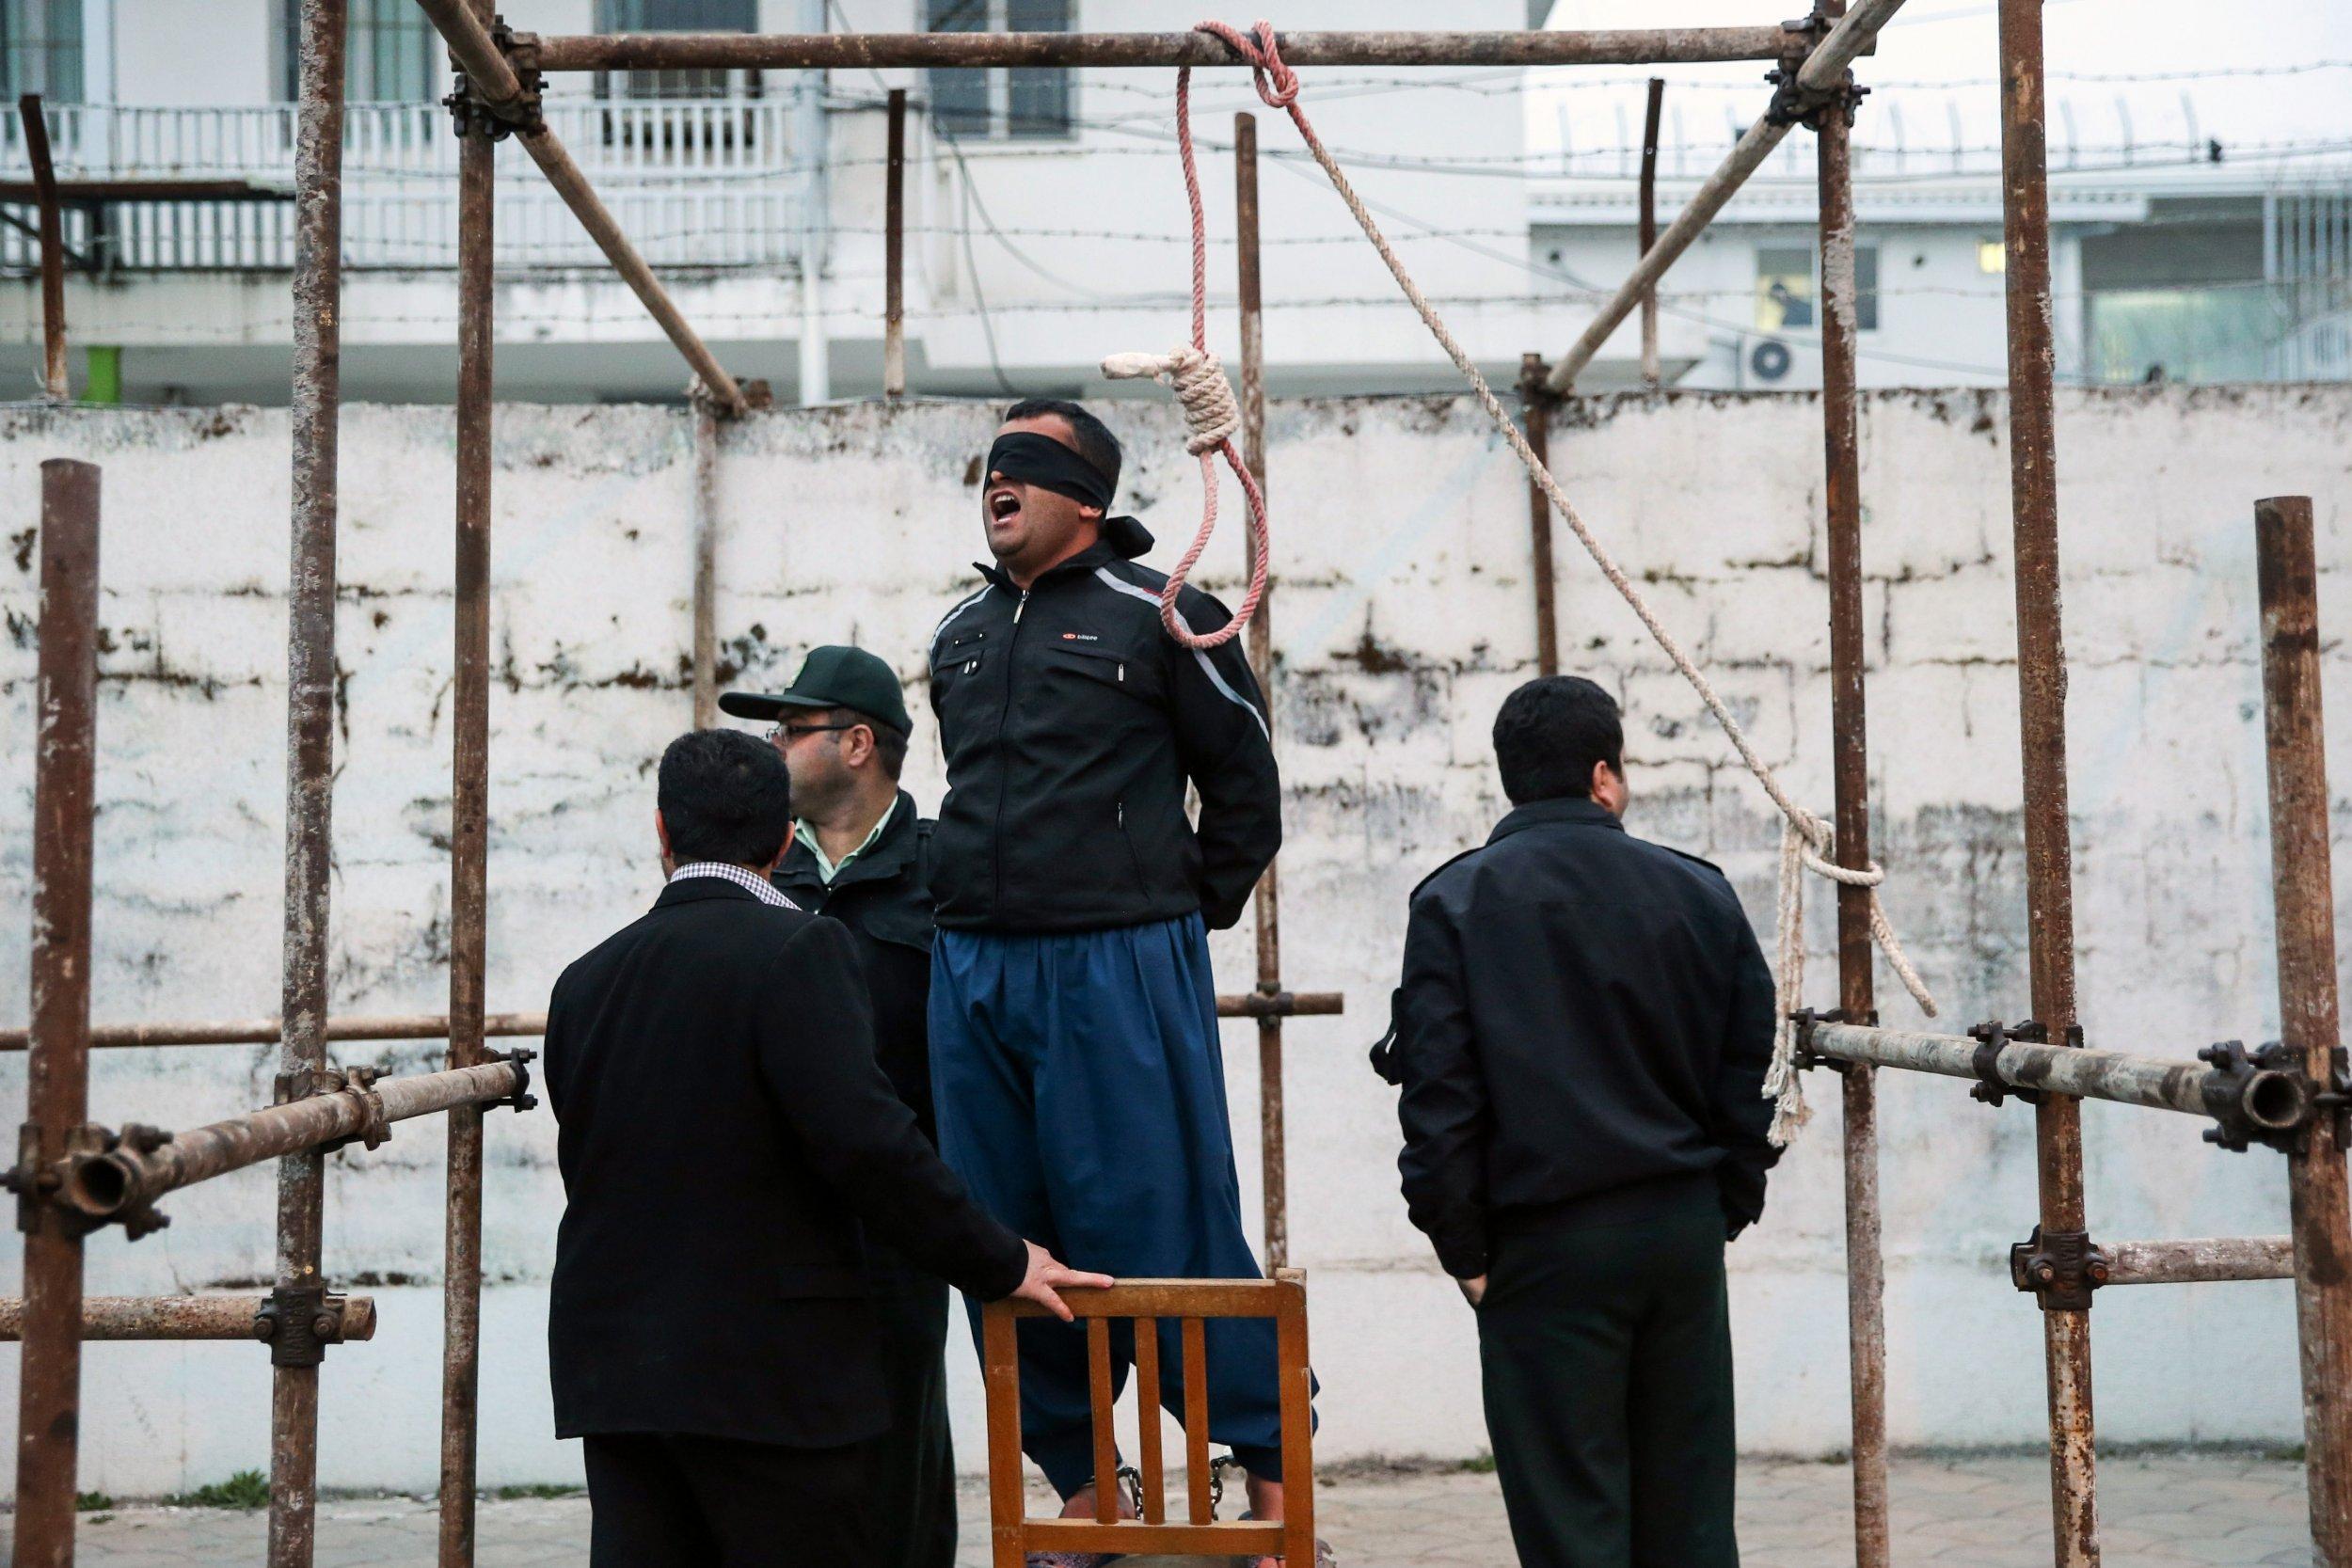 A man awaits execution